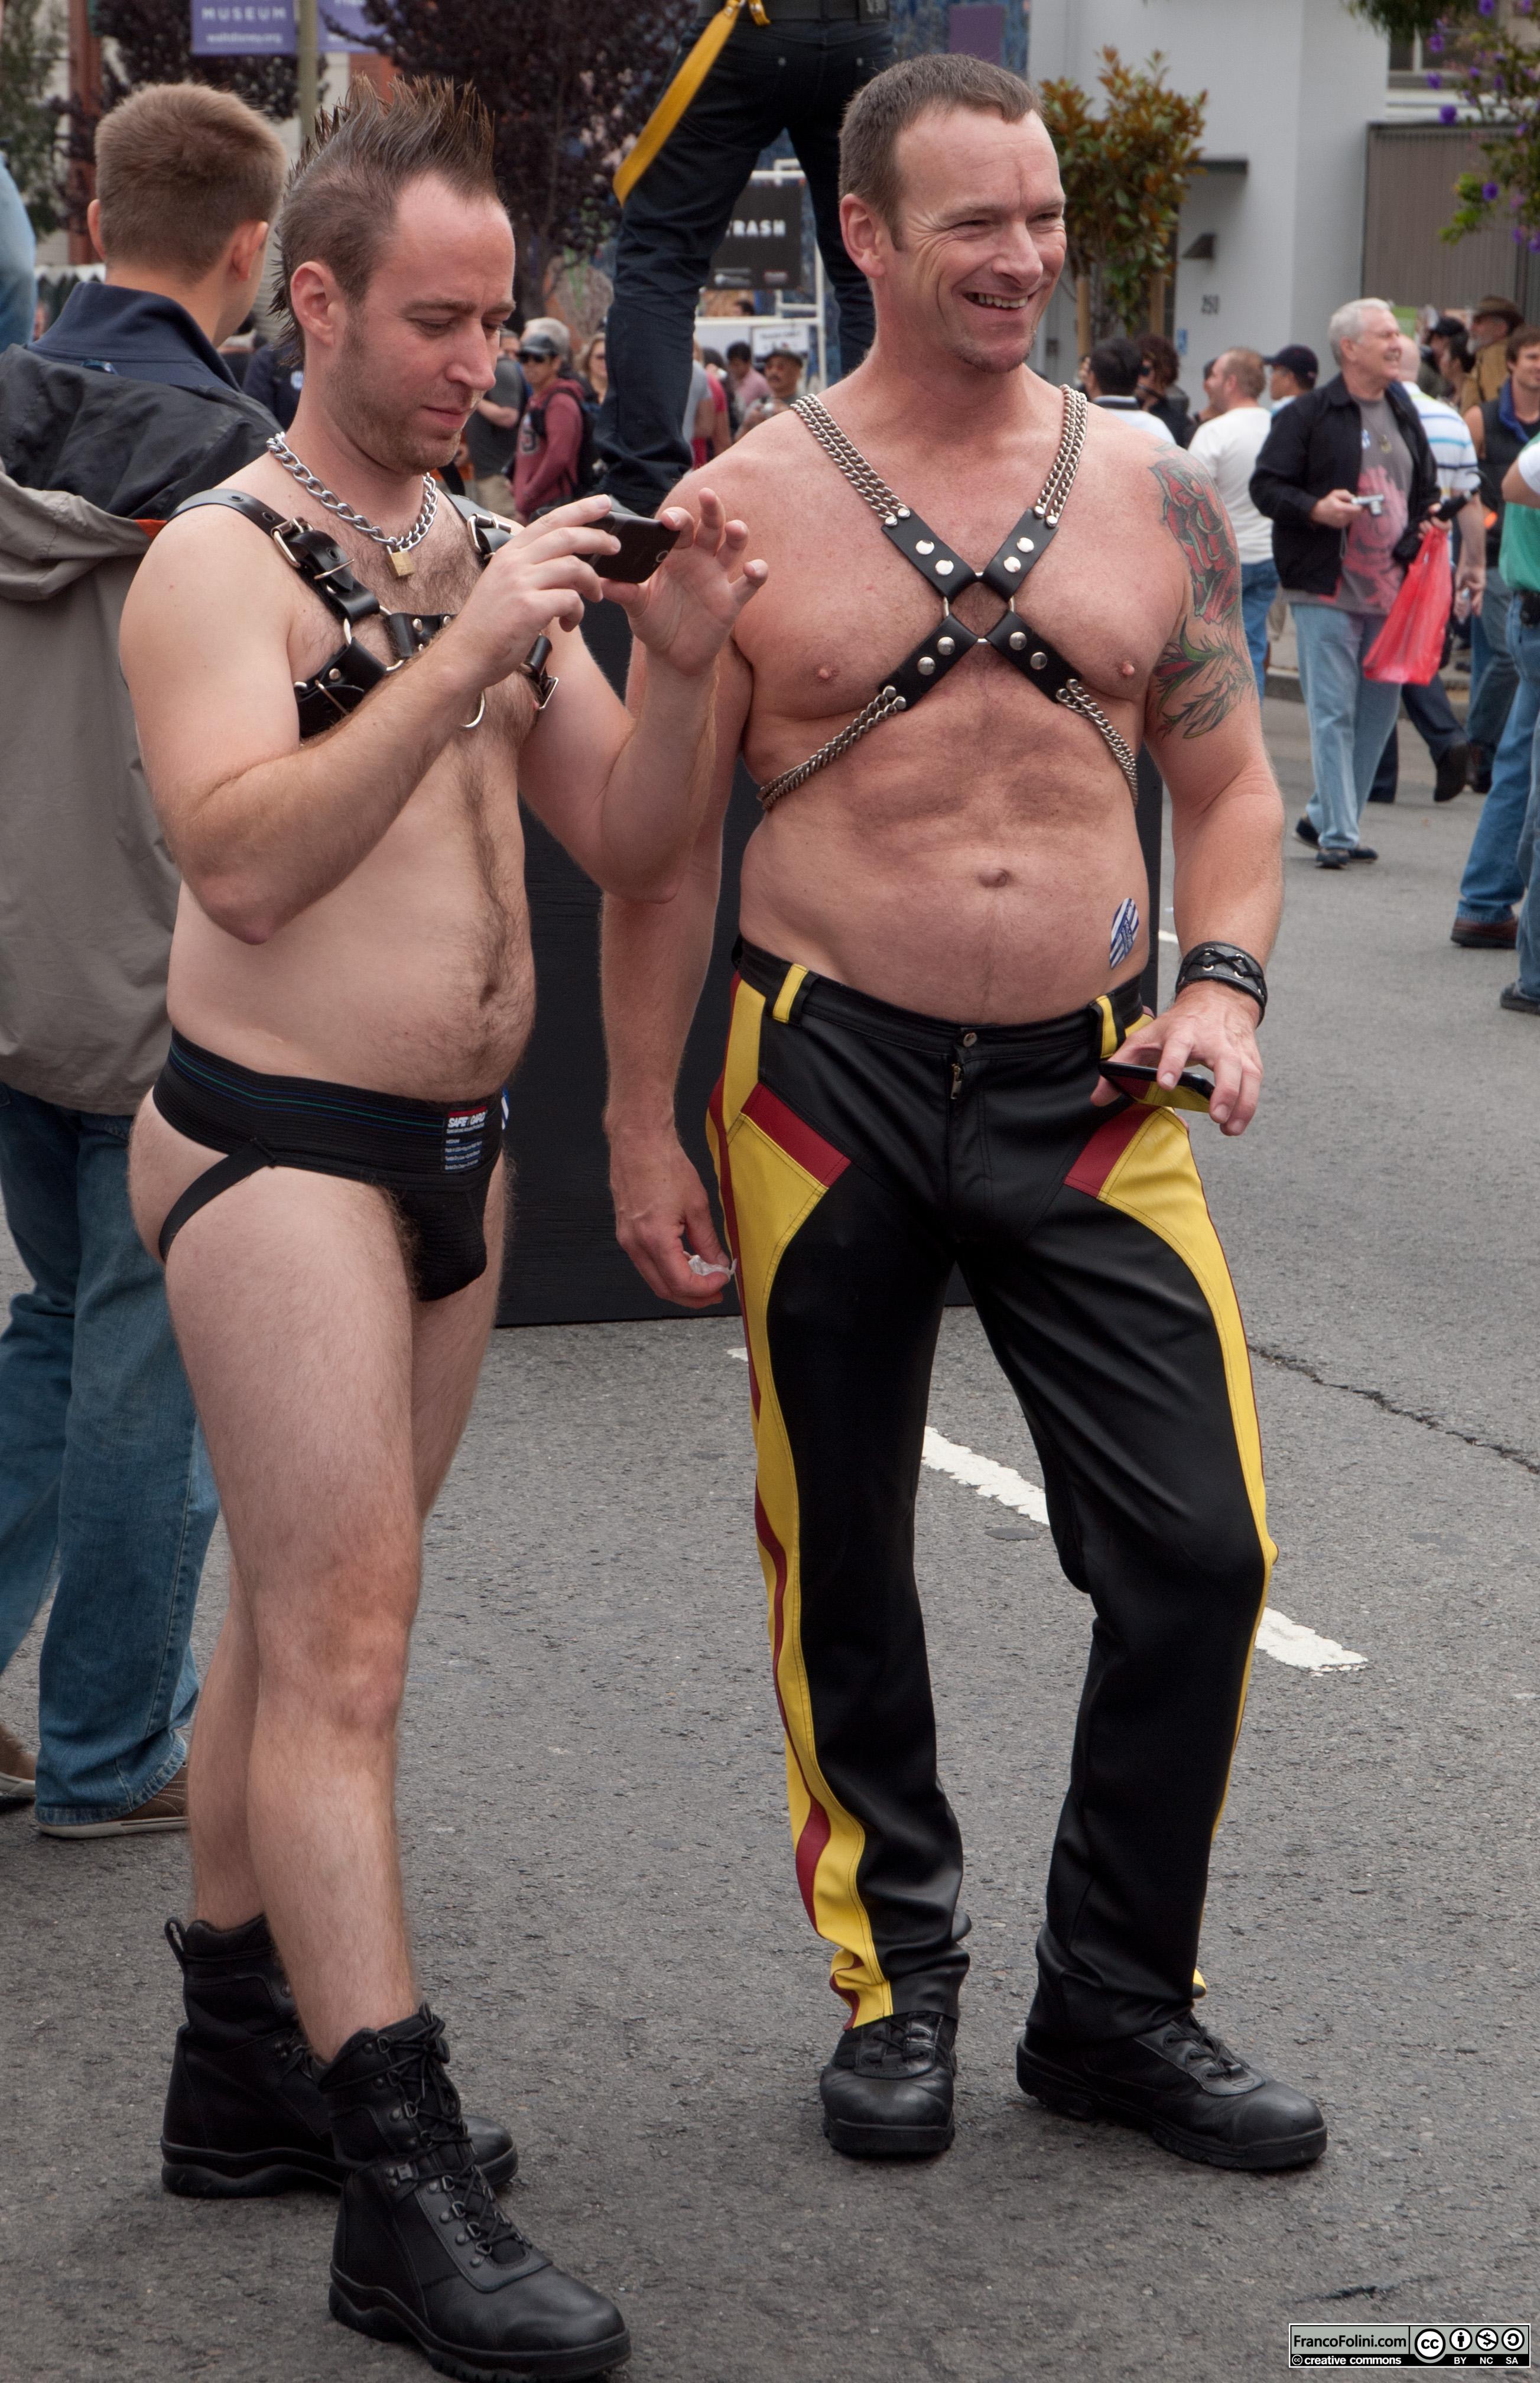 San Francisco Folsom Street Fair: gay couple